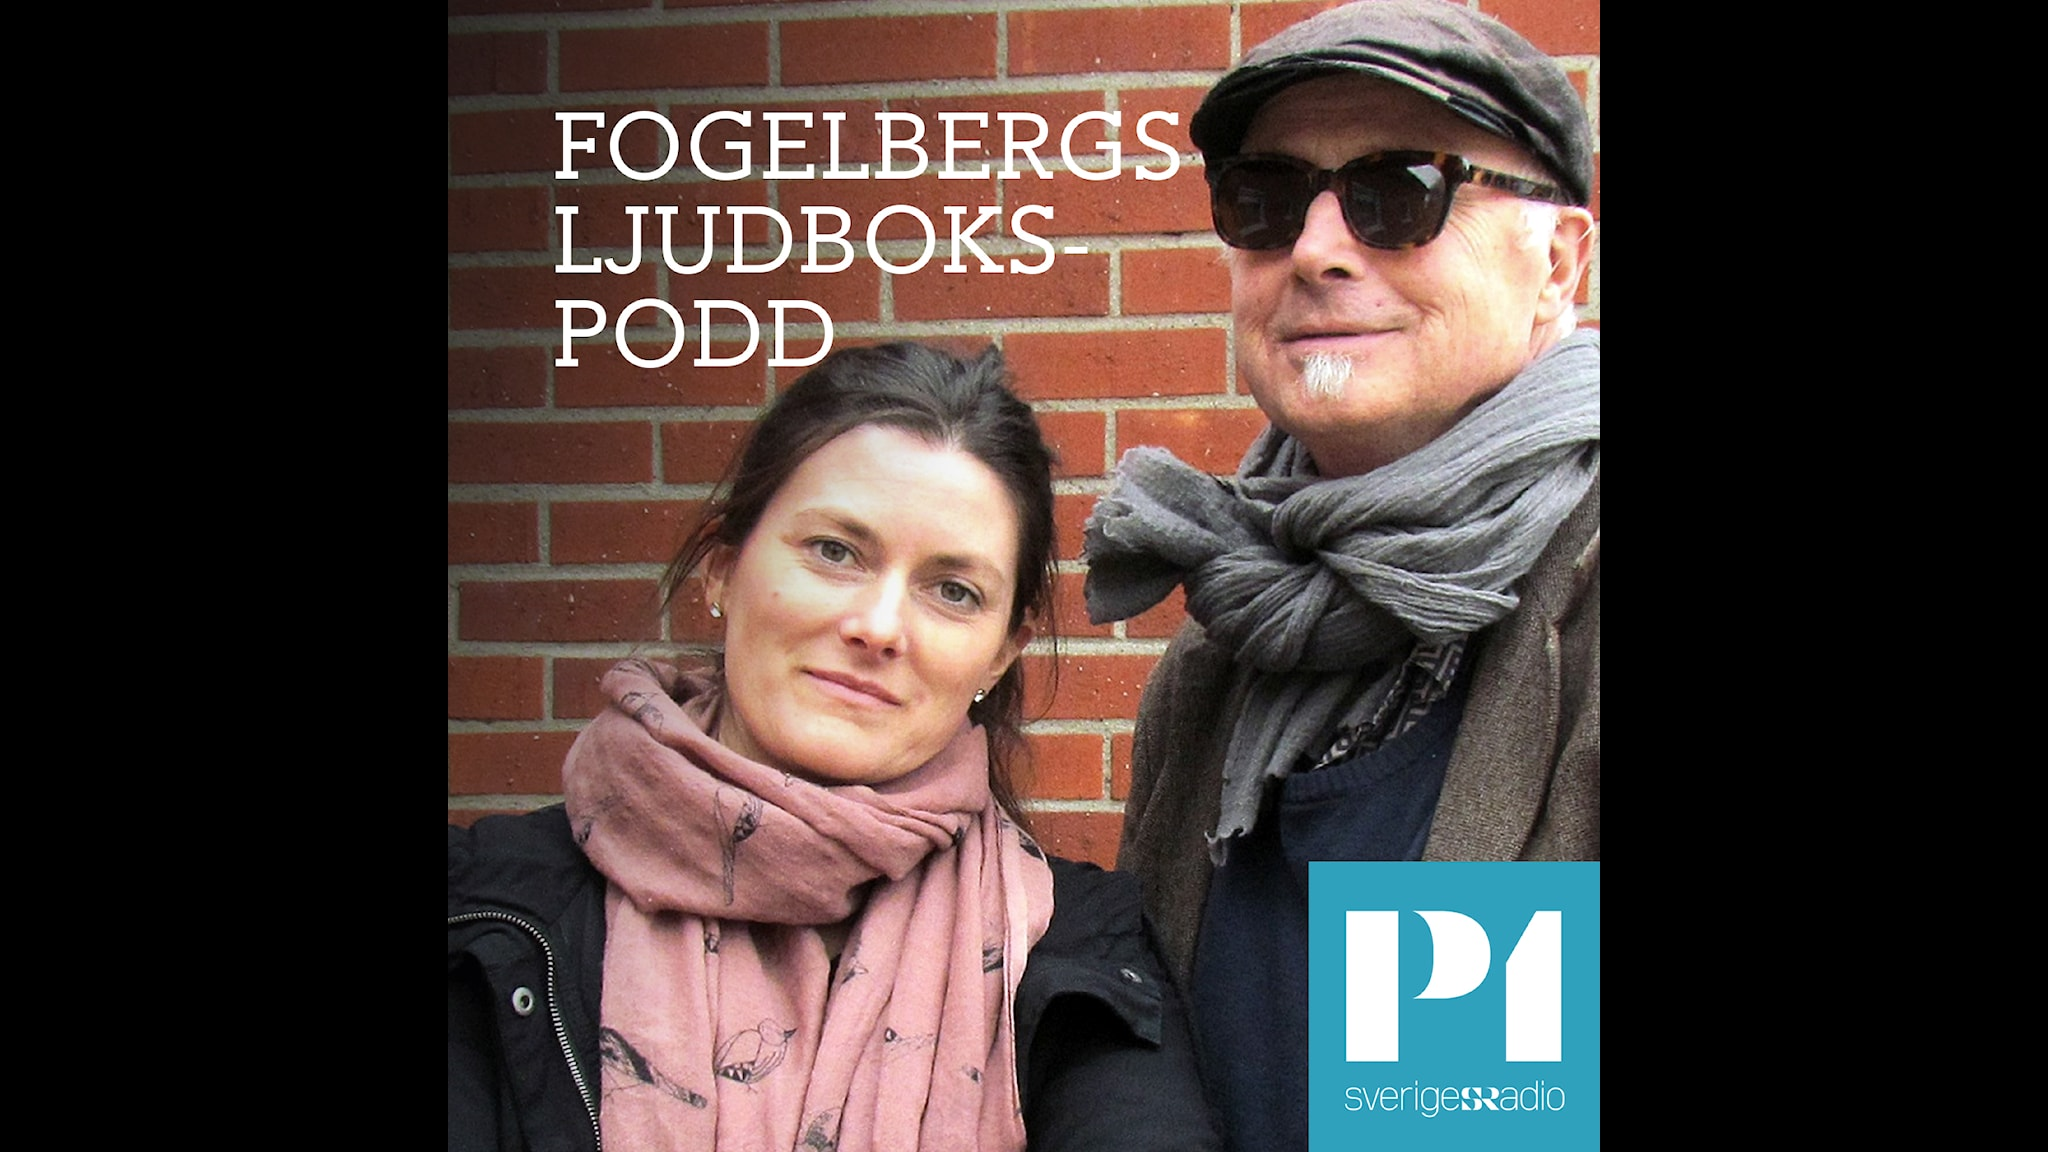 Fogelbergs tipsar om ljudböcker inför semestern.